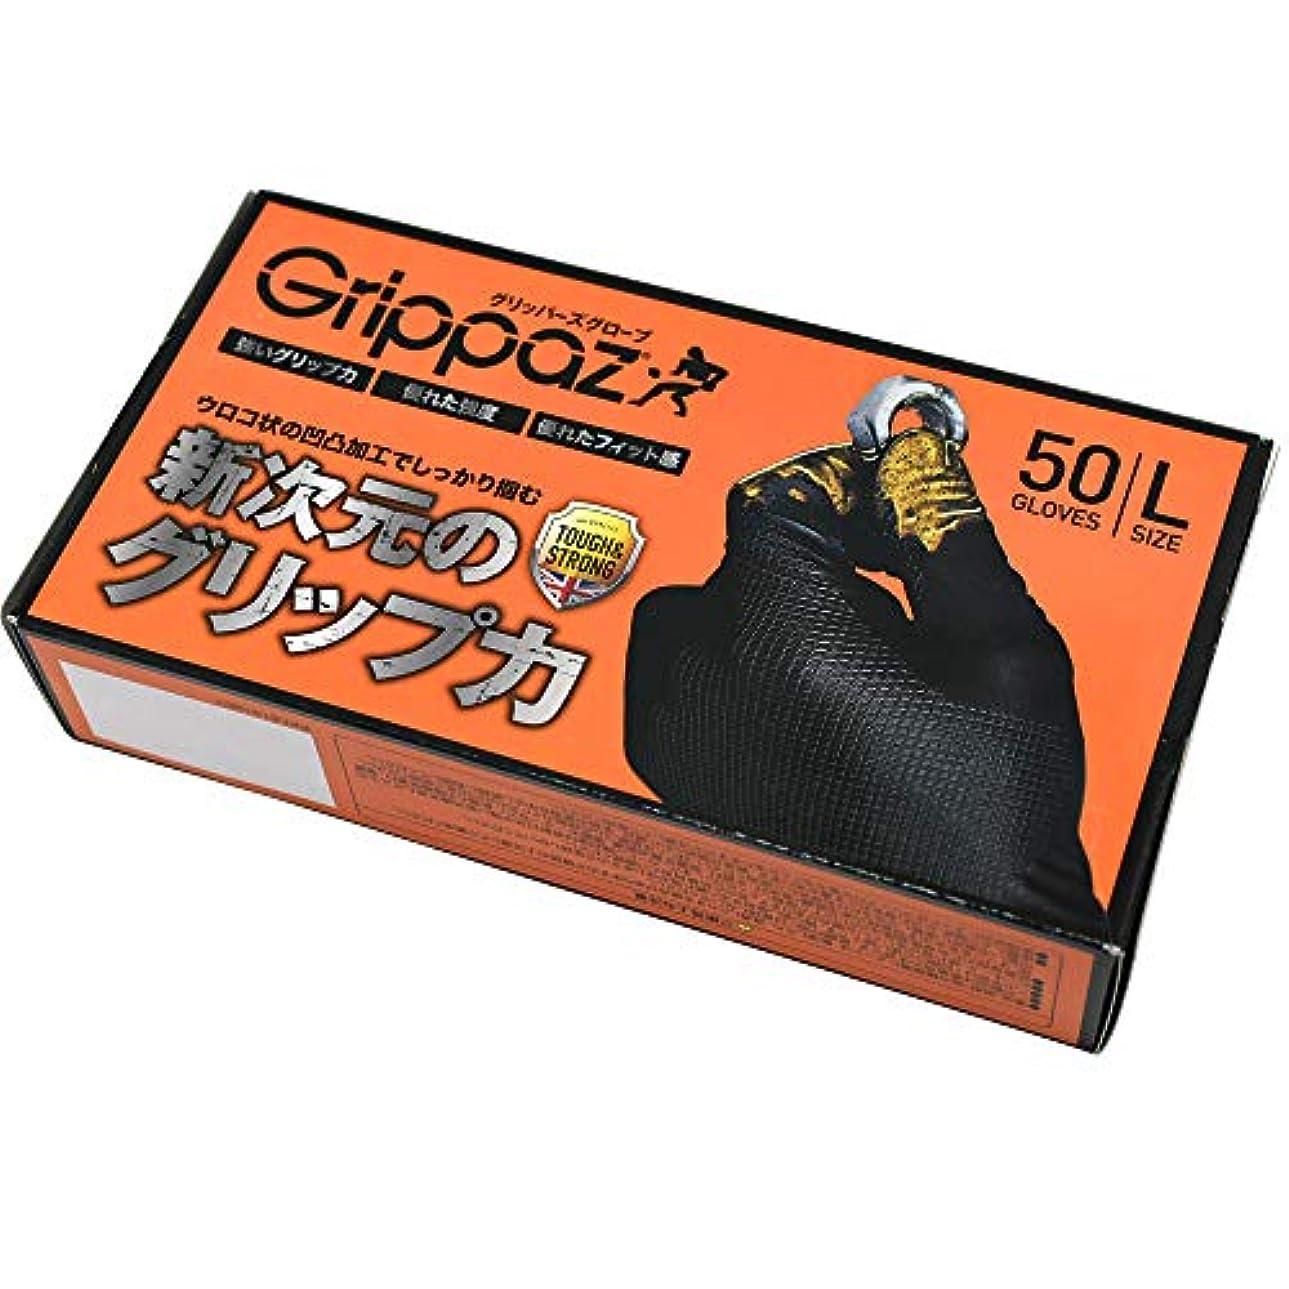 お誕生日重荷食器棚原田産業 ニトリル手袋 グリッパーズグローブ 50枚入 Lサイズ パウダーフリー 左右兼用 自動車整備 メンテナンス